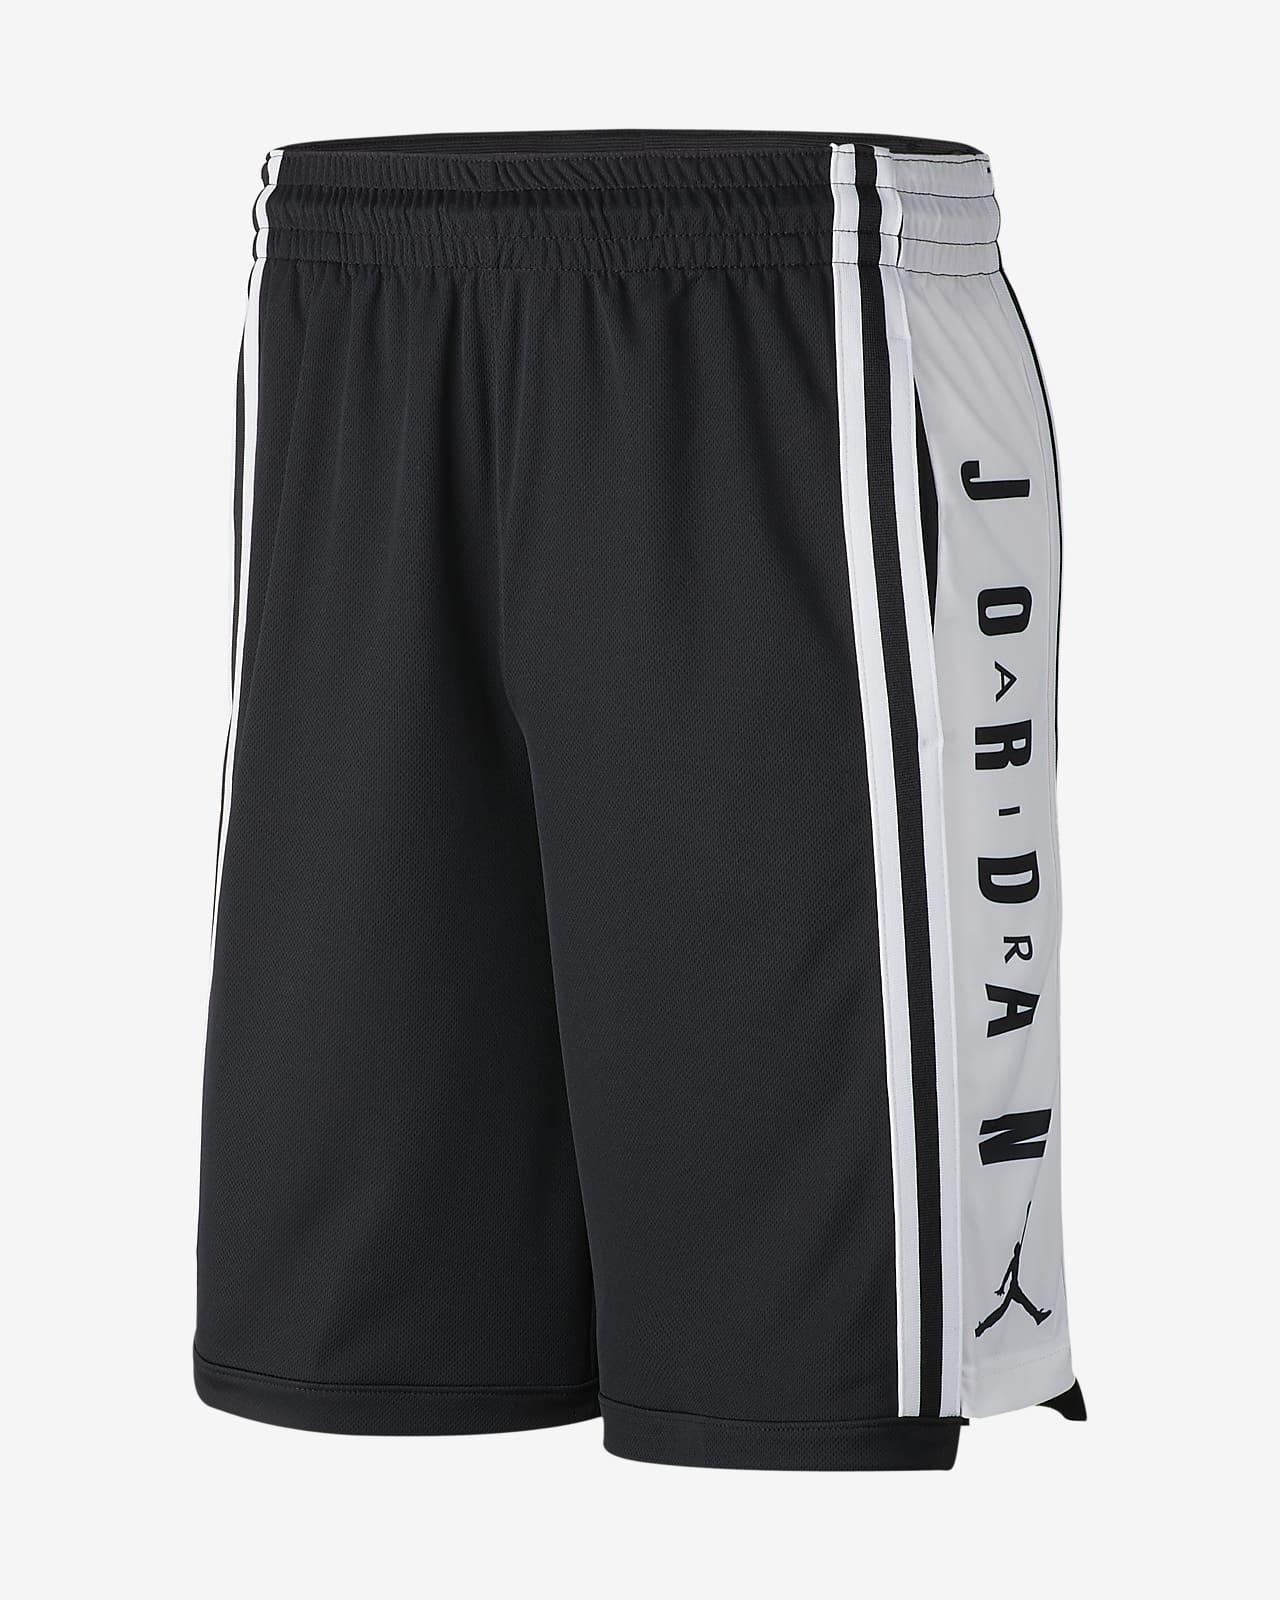 Jordan Basketbalshorts voor heren